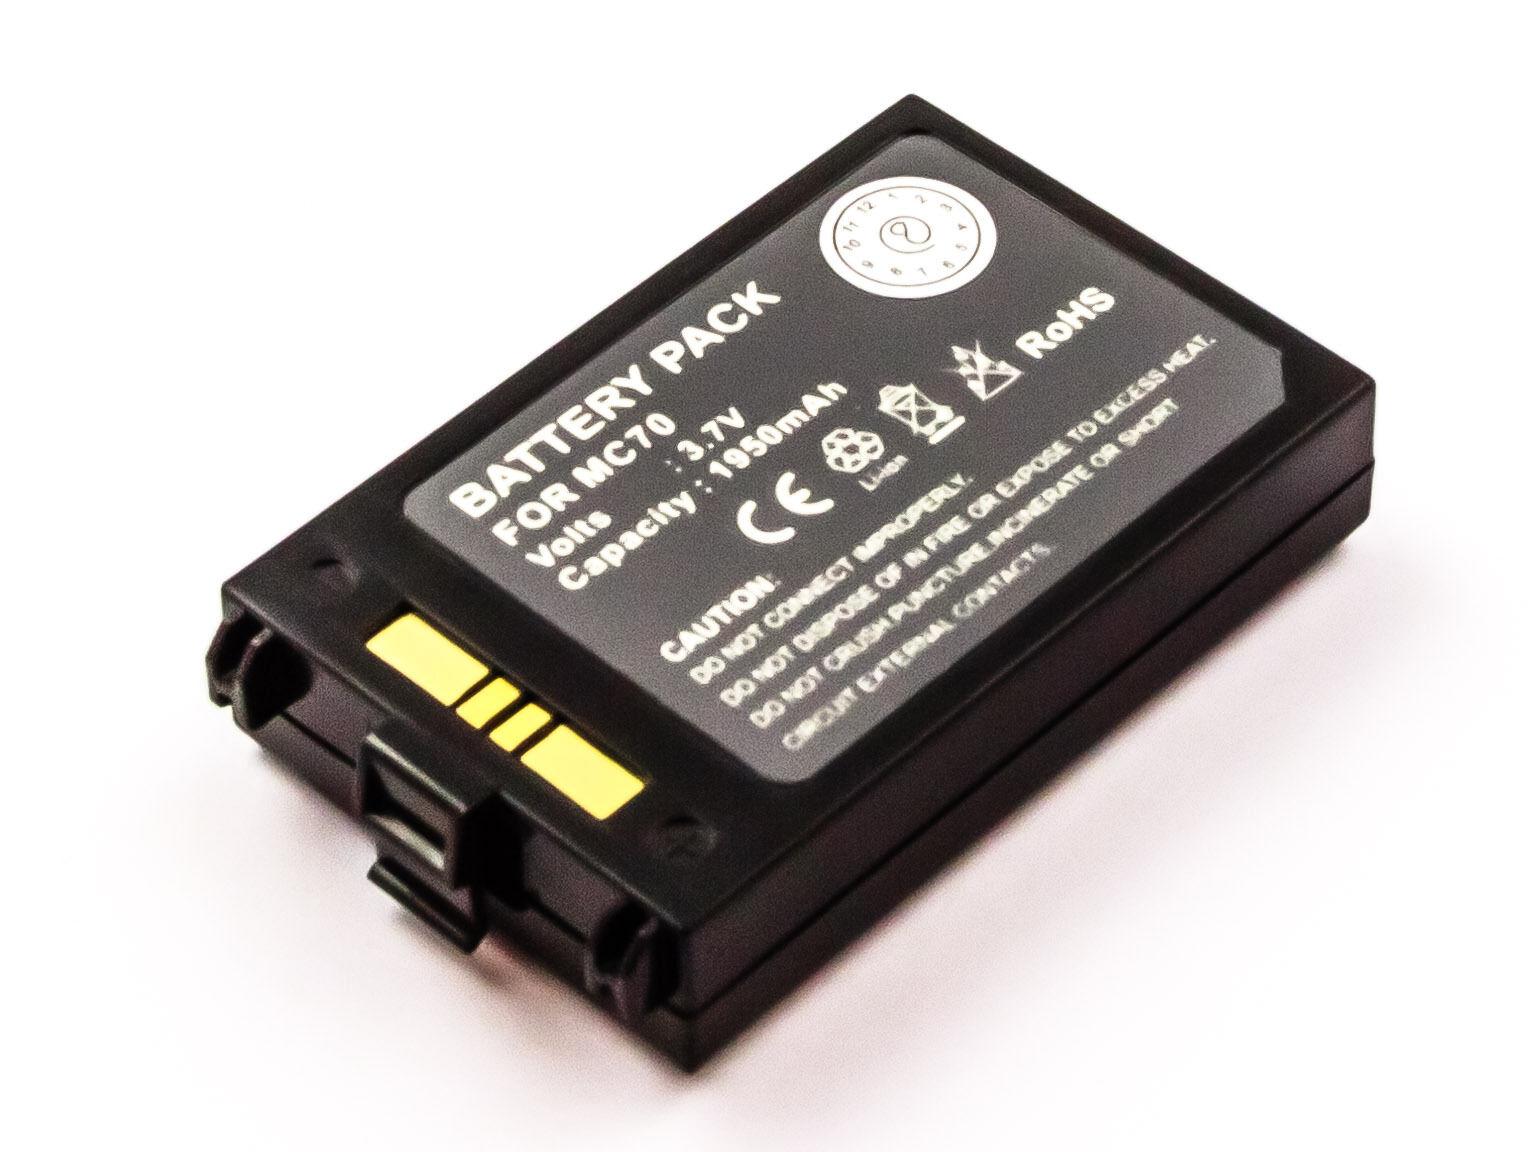 Batterie Batterie Batterie pour Symbole Mc70 Ersetzt 82-71363-03/82-71365-01/Btry-mc70eab00 747d02